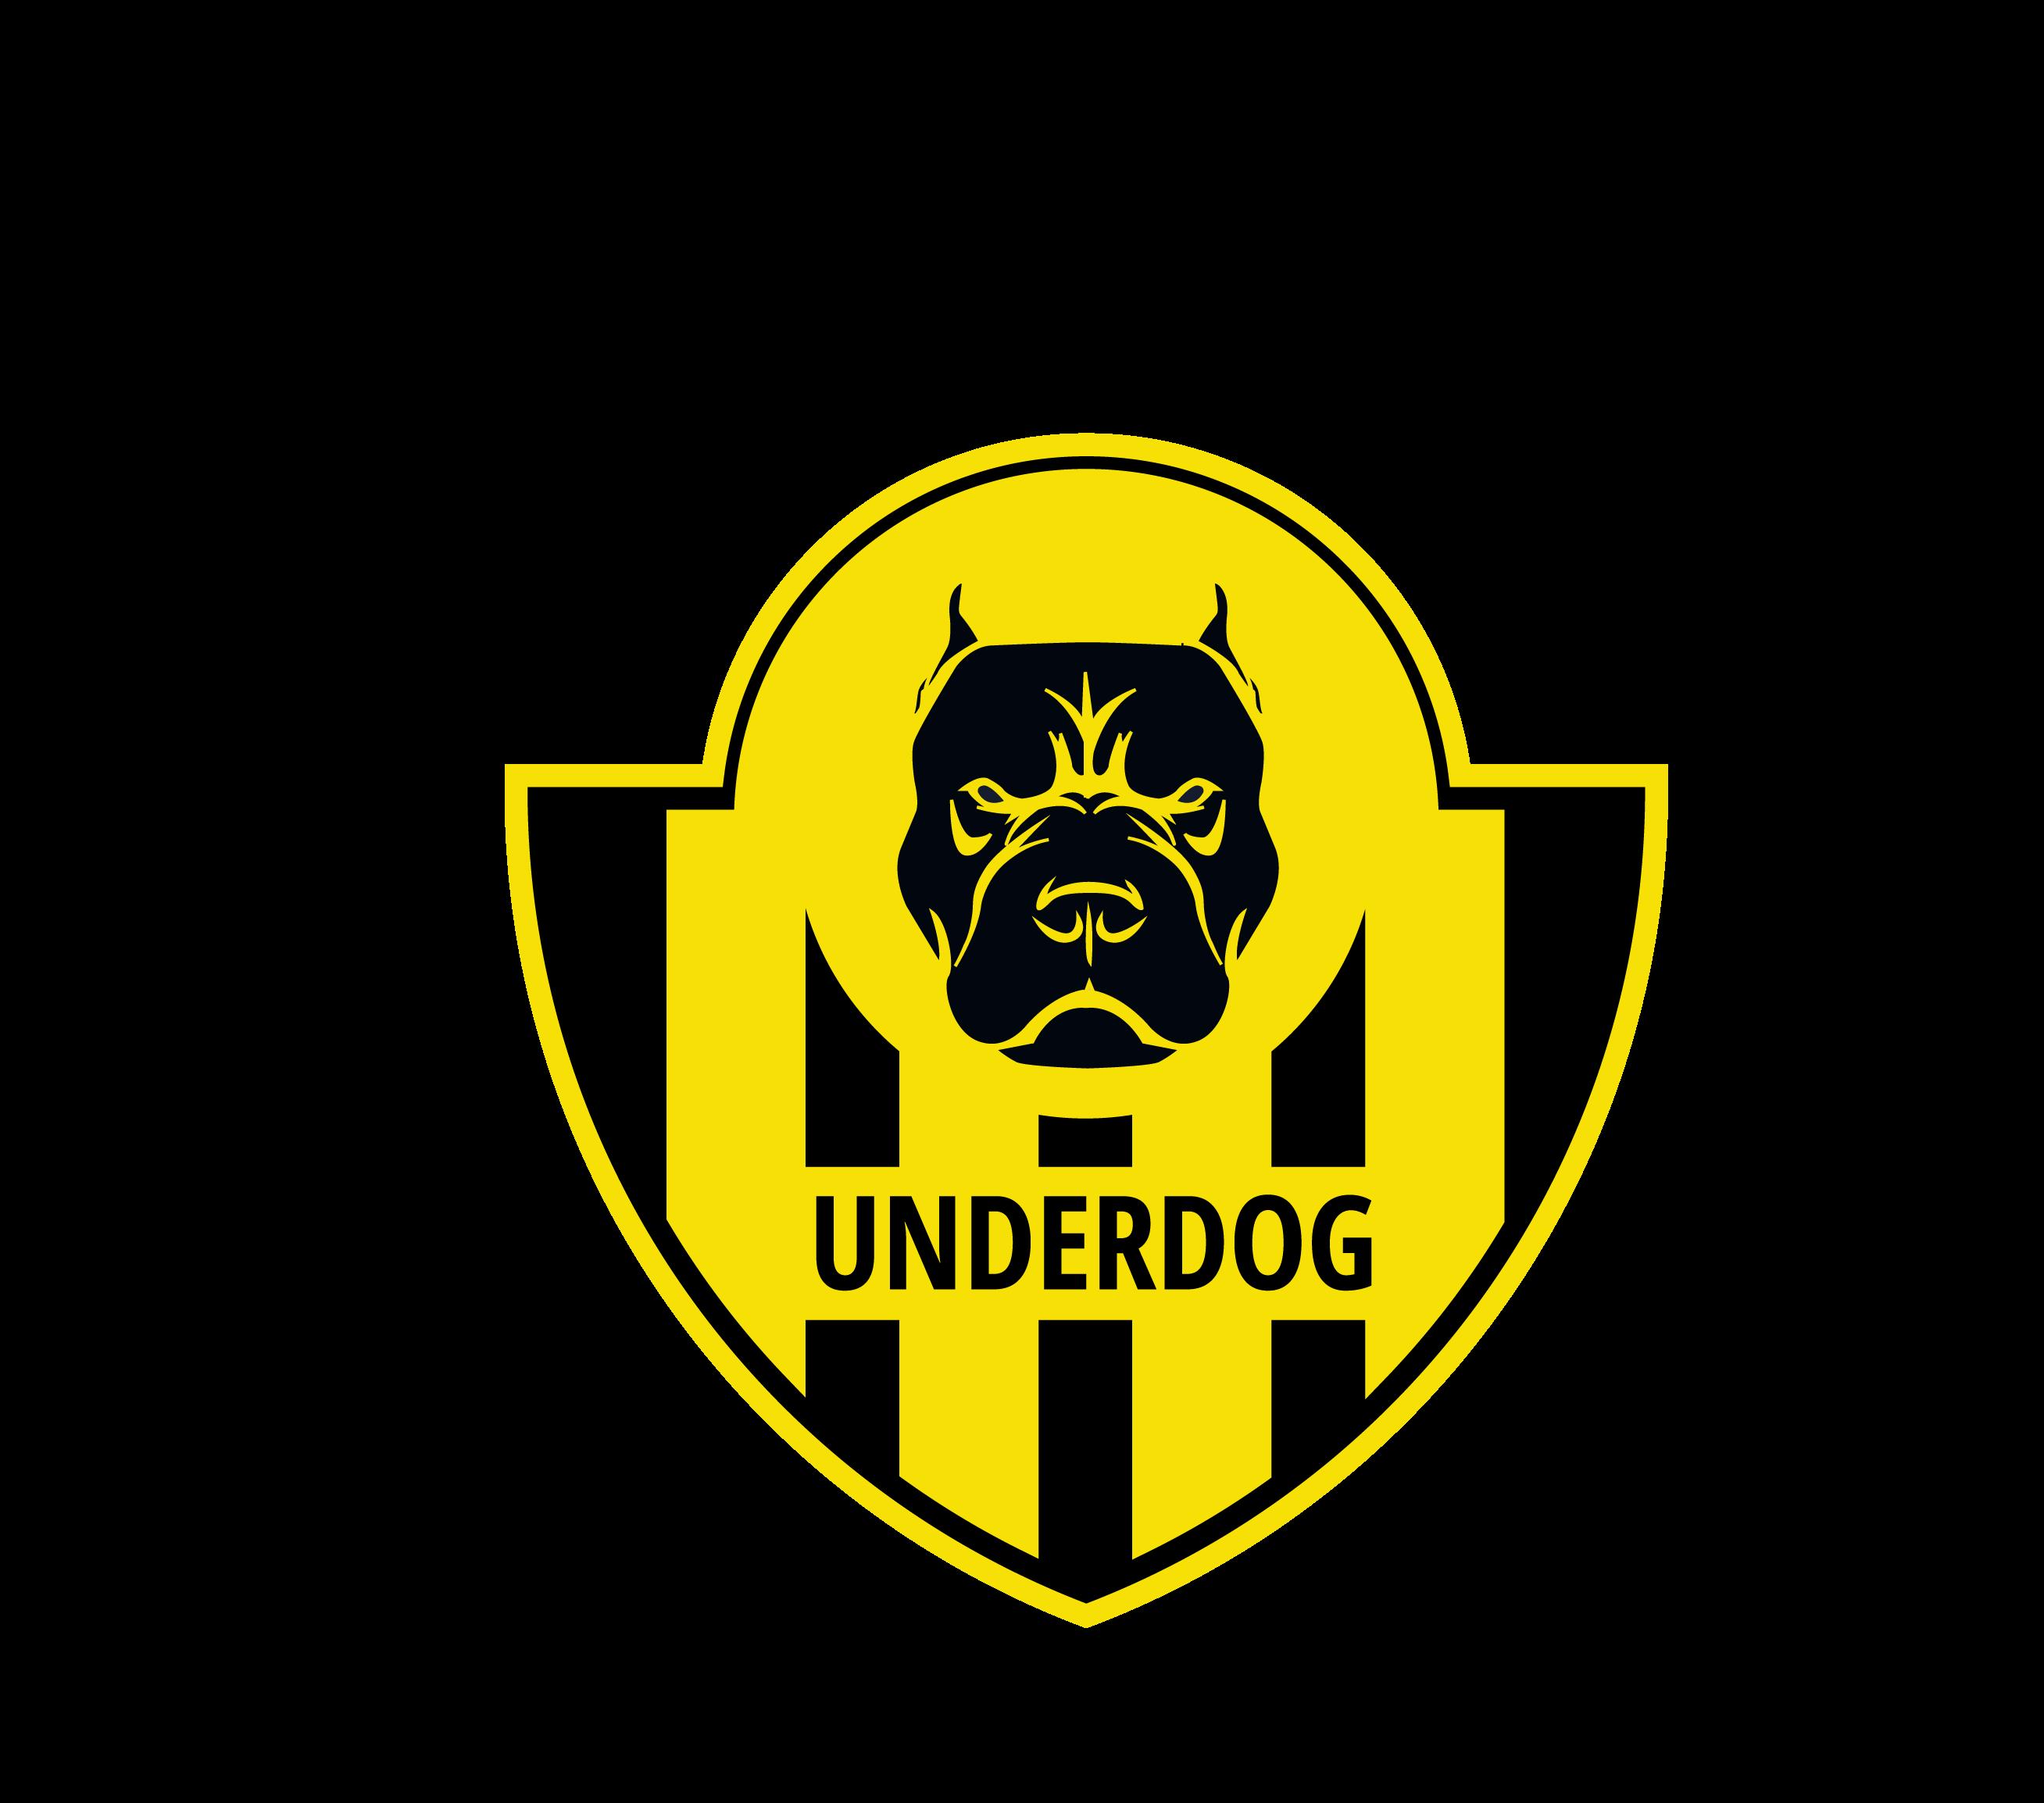 Футбольный клуб UNDERDOG - разработать фирстиль и бренд-бук фото f_8465caf307ad6416.png